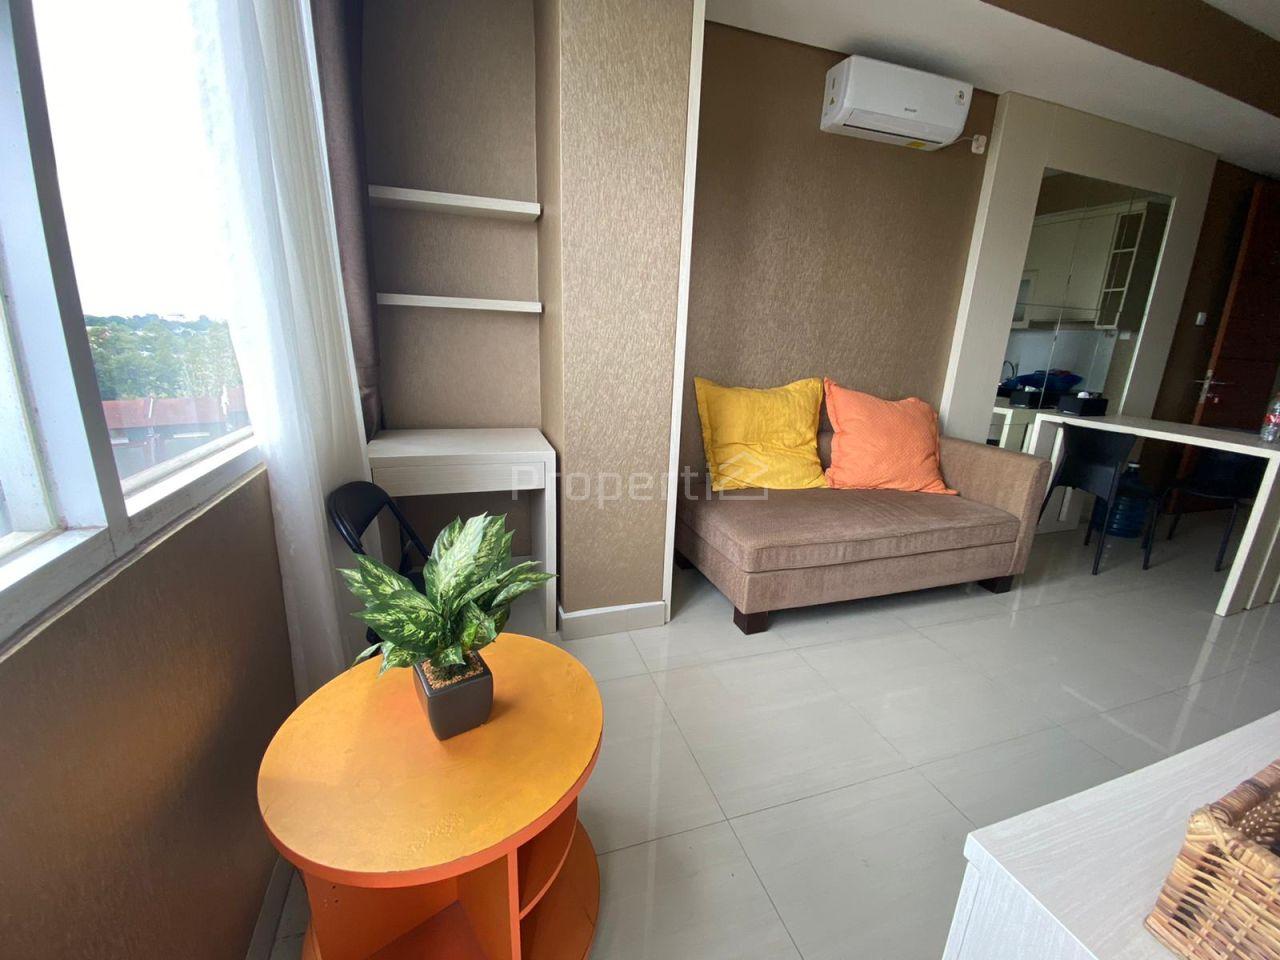 1BR Unit in Dago Suites Apartment, 3rd Floor, Kota Bandung